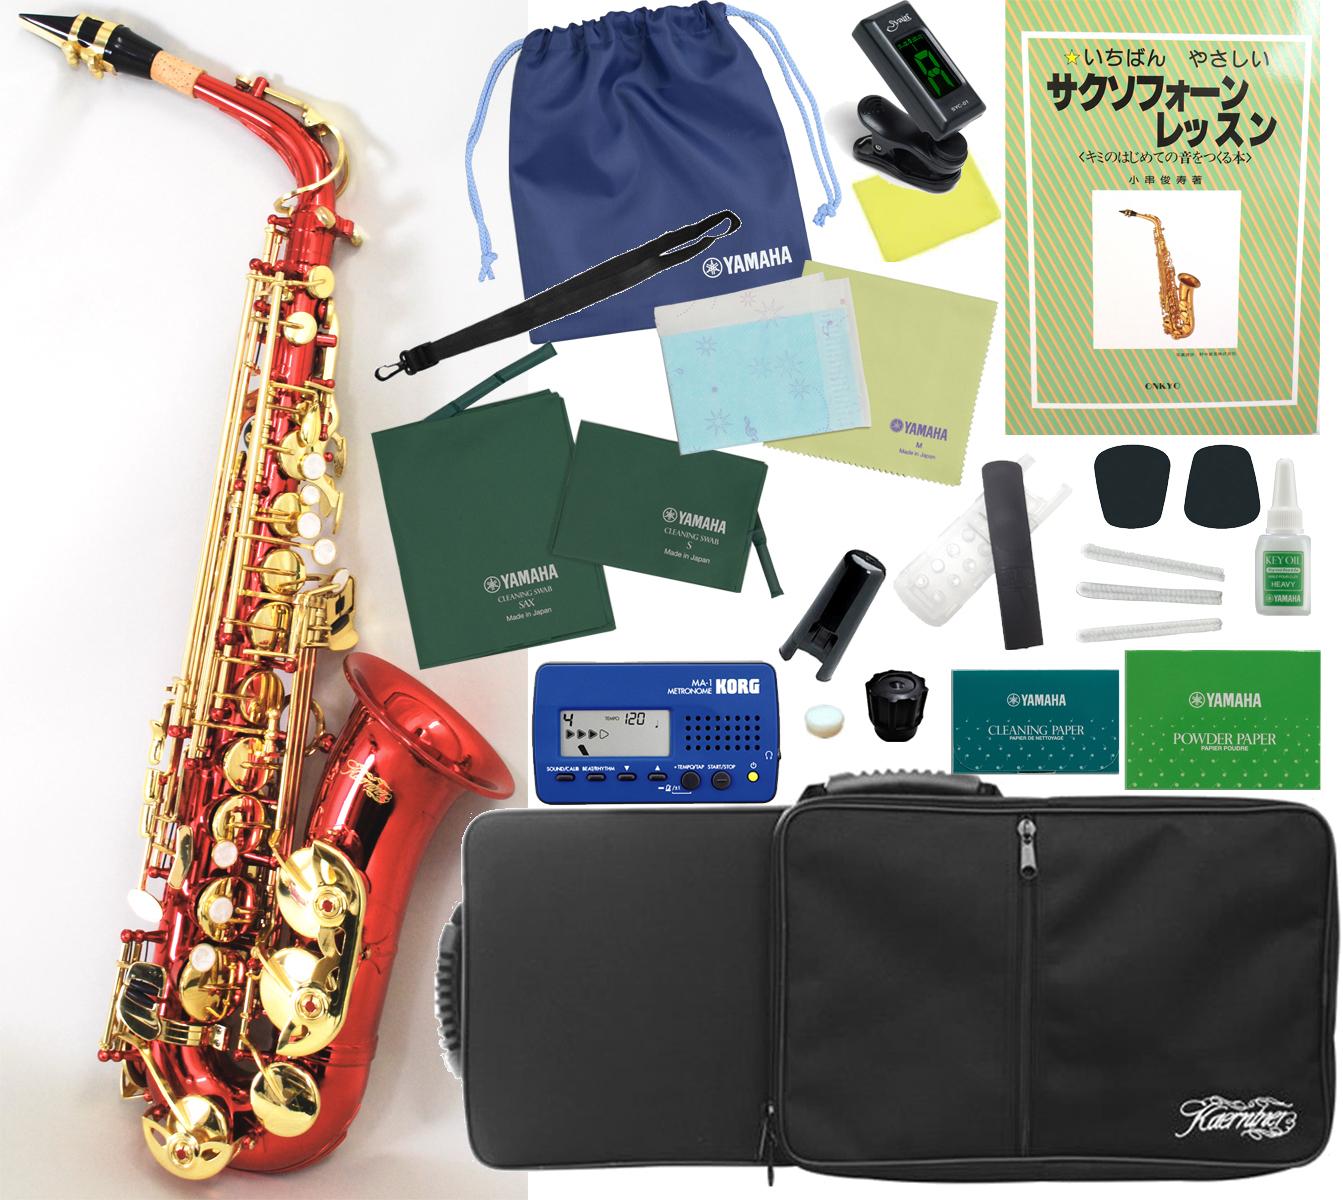 レッド アルトサックス オリジナル カラー サックス 楽器 本体 ケース セット 初心者 管楽器 スタンダード E♭ 【 アルトサックス 赤色 セット A 】 送料無料